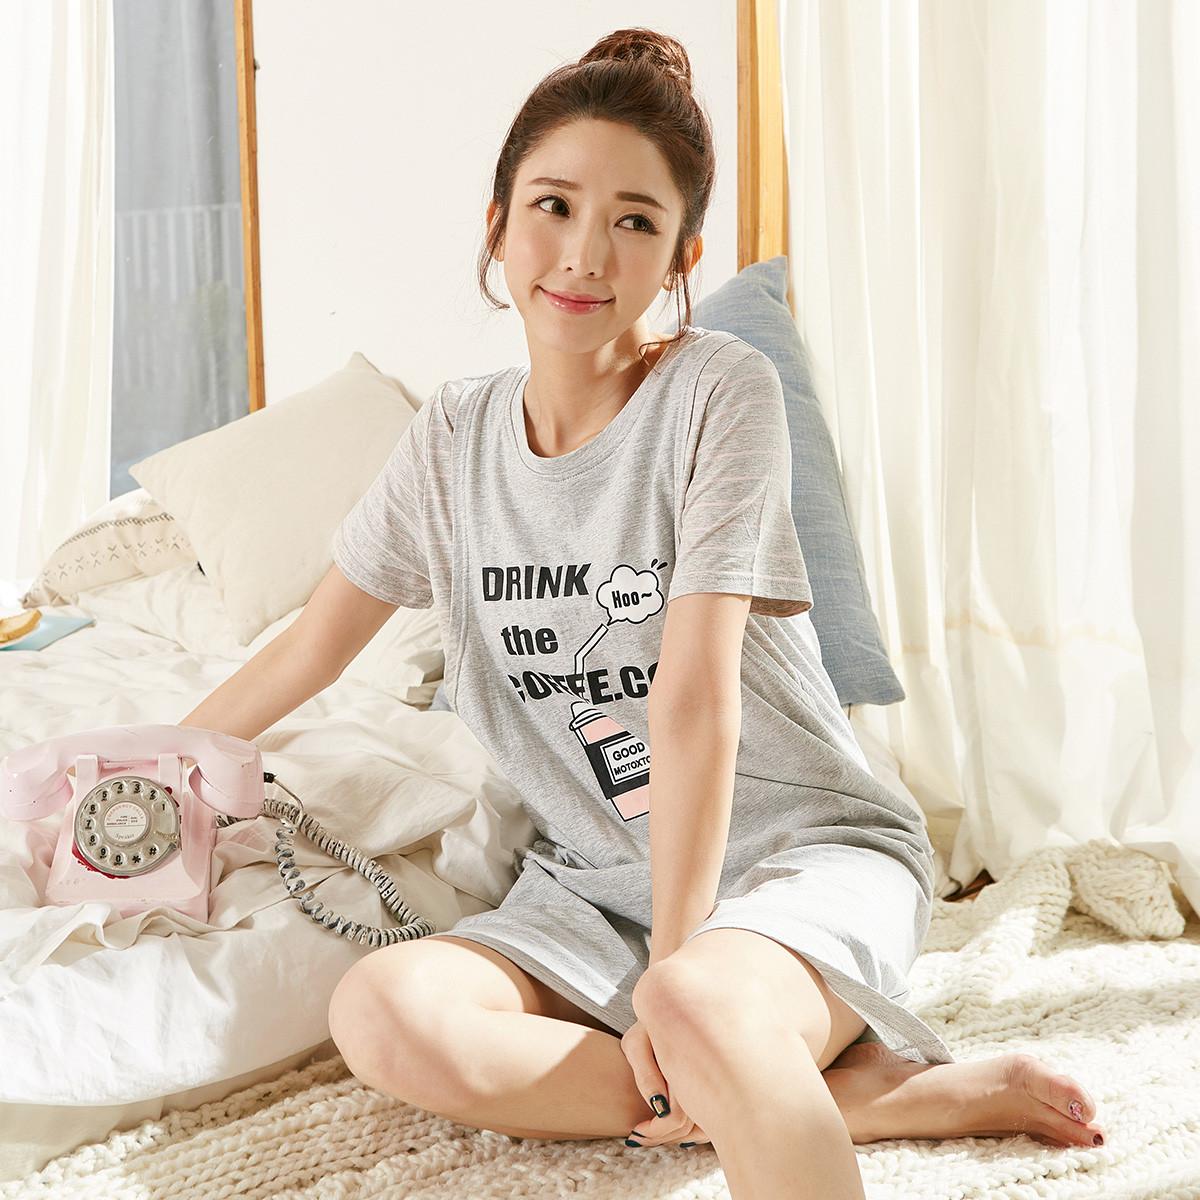 都市丽人旗下品牌自在时光女士睡衣夏季舒适简约家居服TK